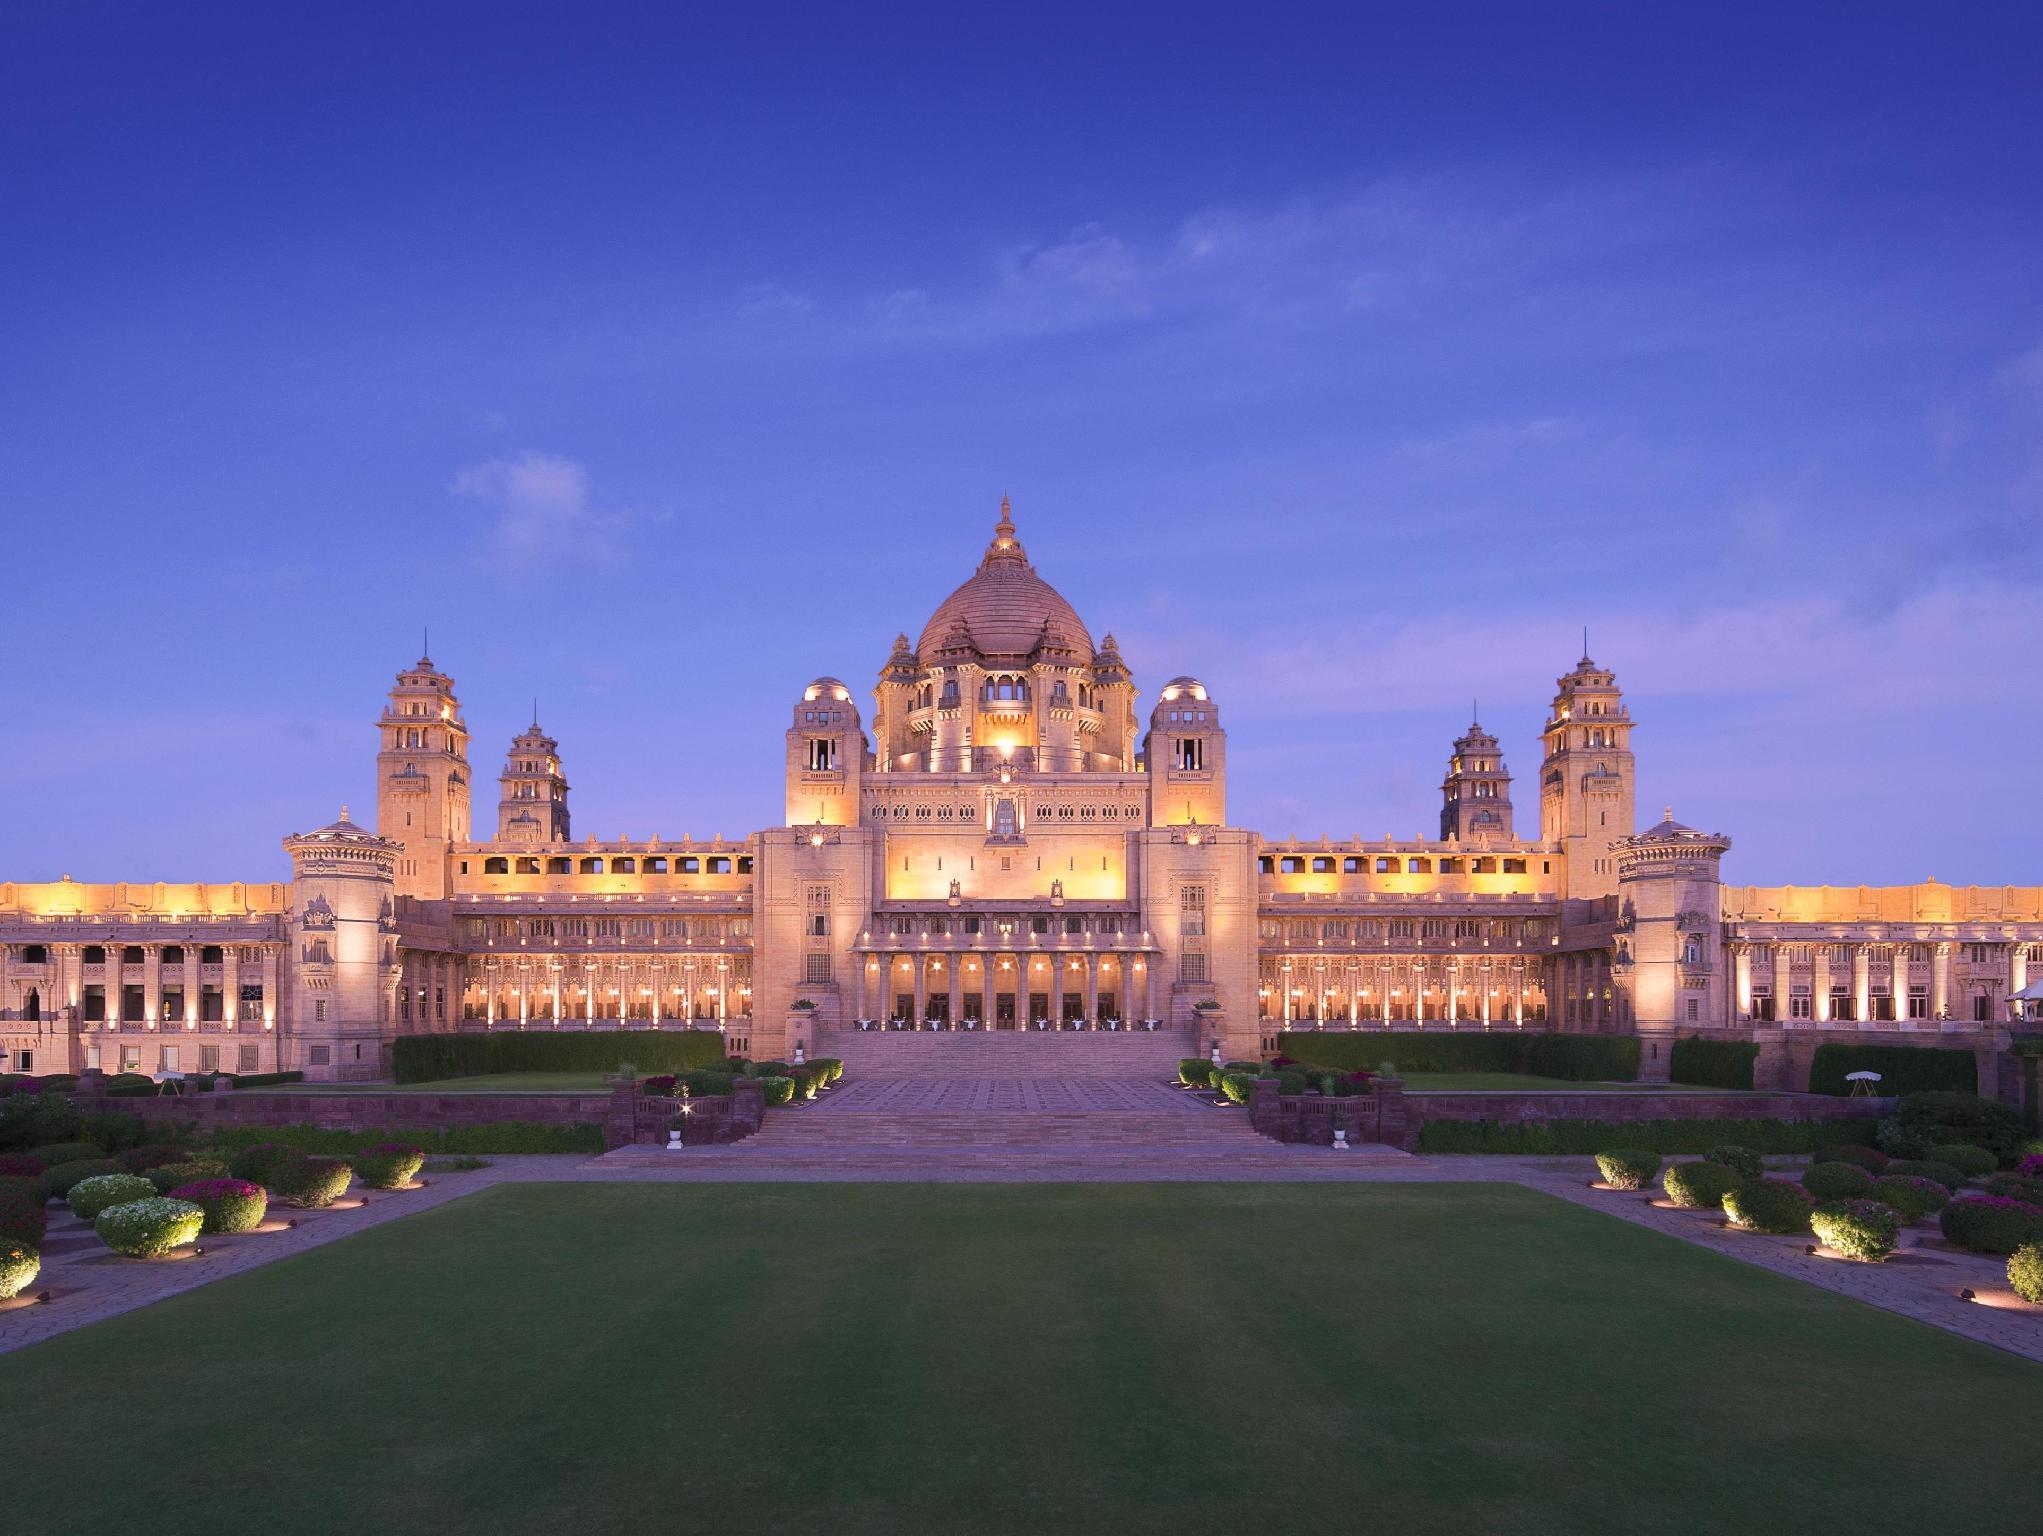 http://pix6.agoda.net/hotelImages/341/3418/3418_15041312400026840014.jpg